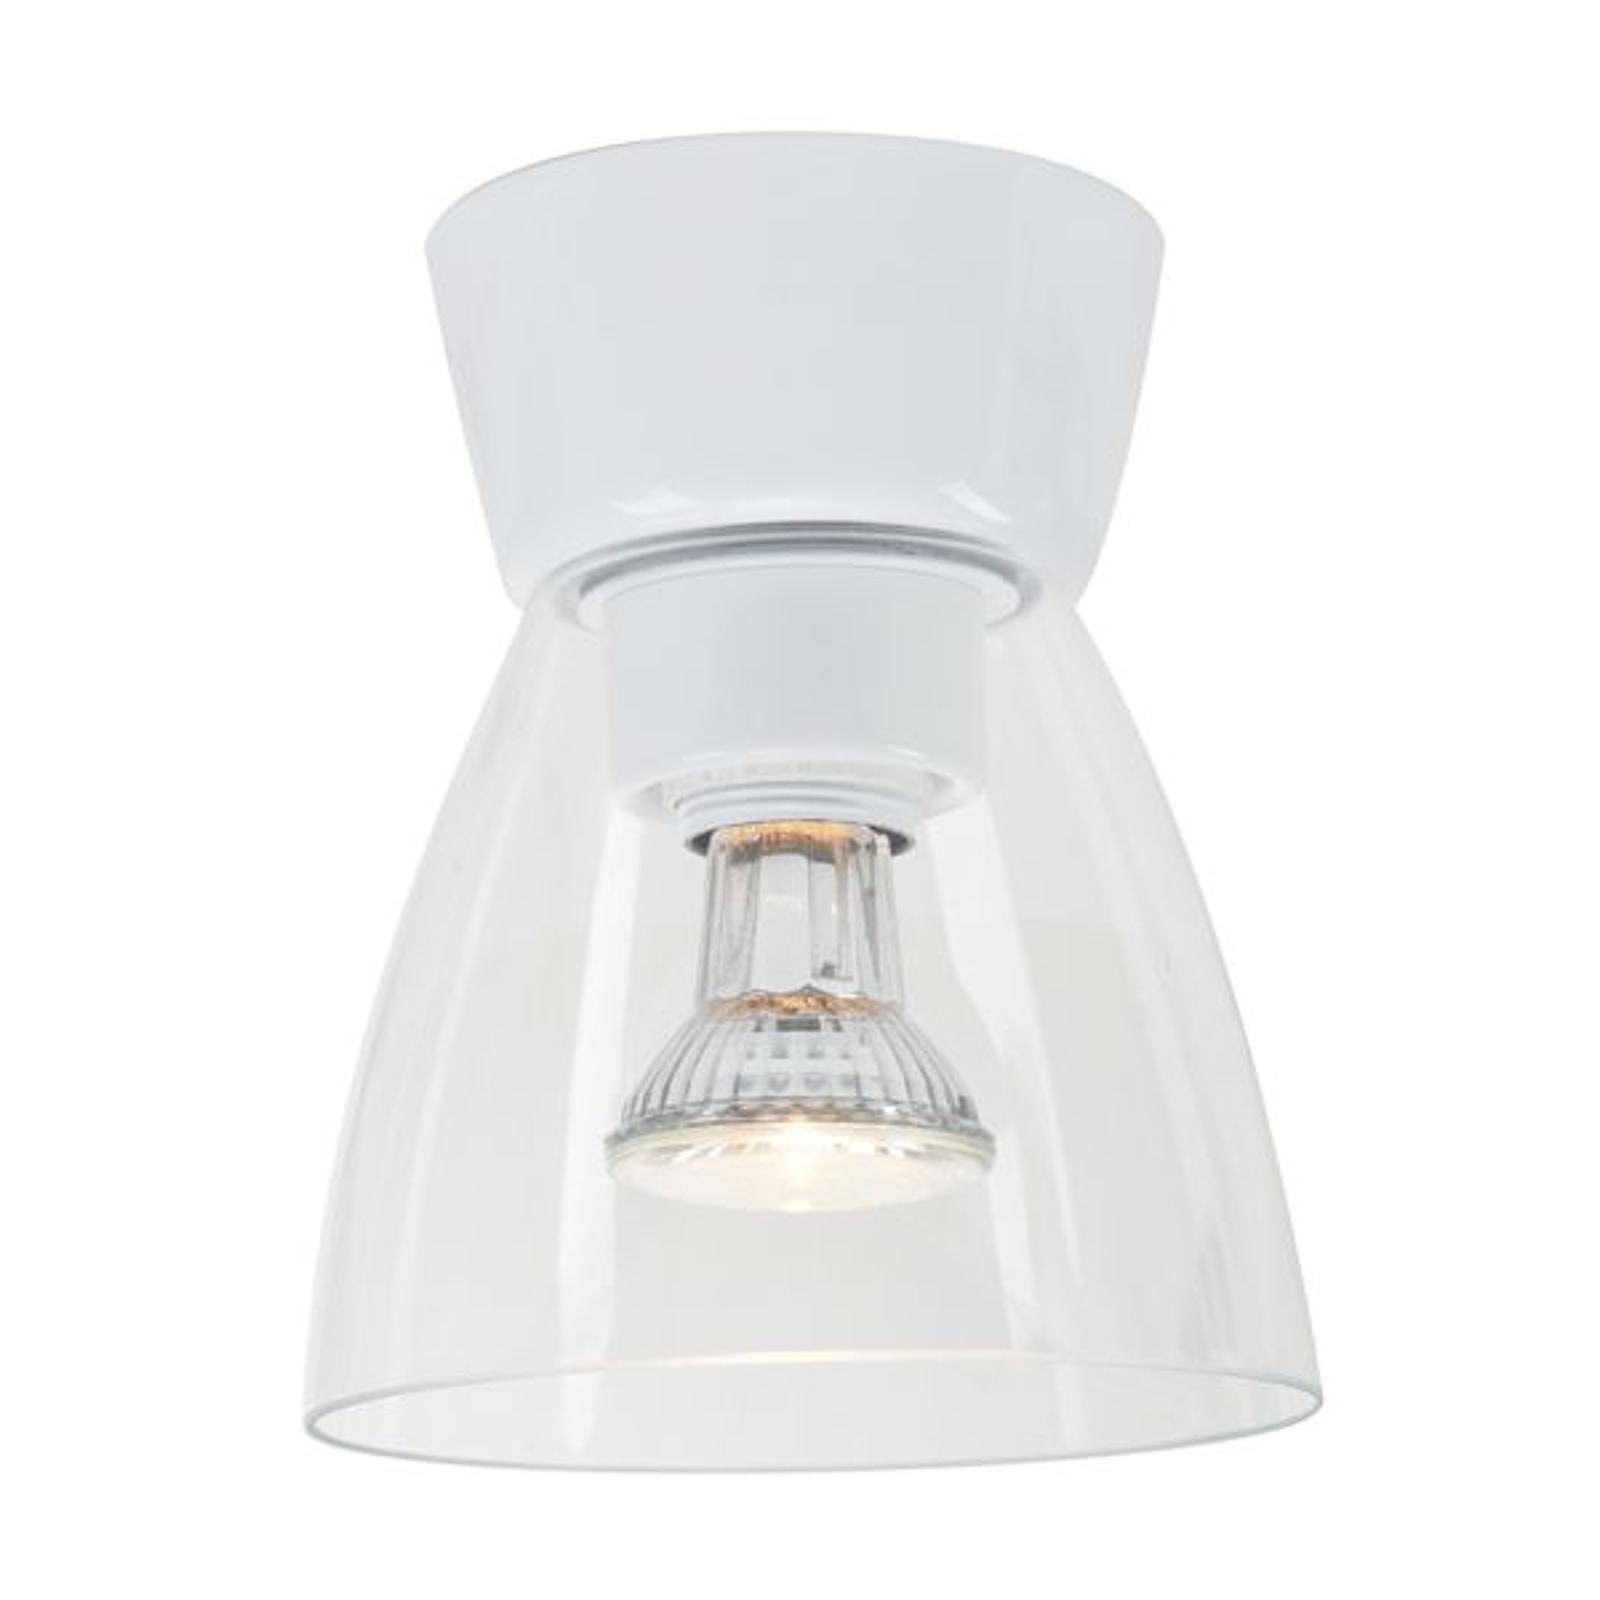 LED-Deckenleuchte Bizzo Baldachin weiß Klarglas